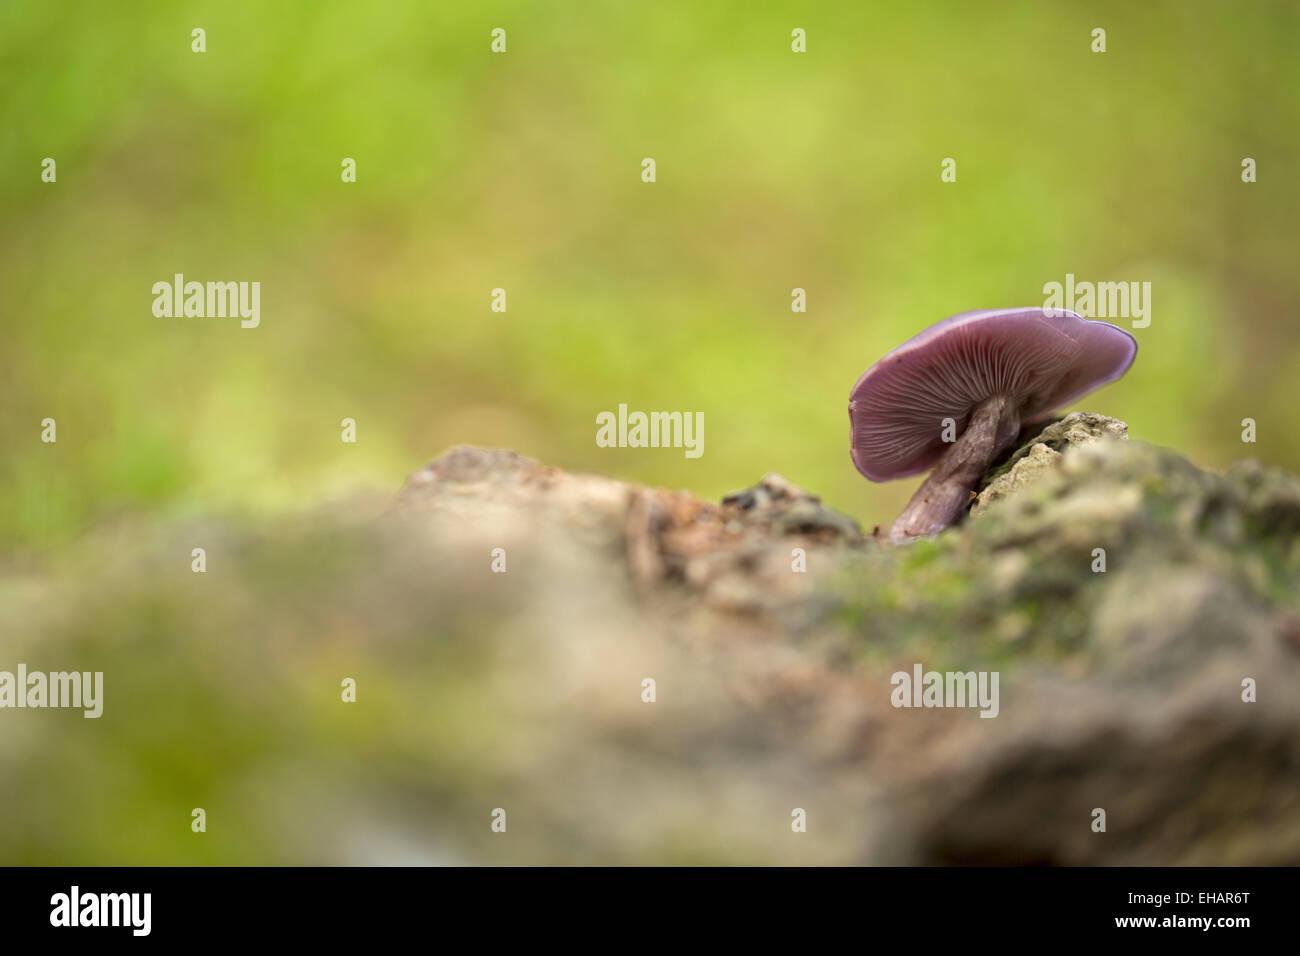 Lepista nuda (también reconocido como Clitocybe nuda y Tricholoma nudum, y conocido como la madera o tallos azul mushro blewit Foto de stock